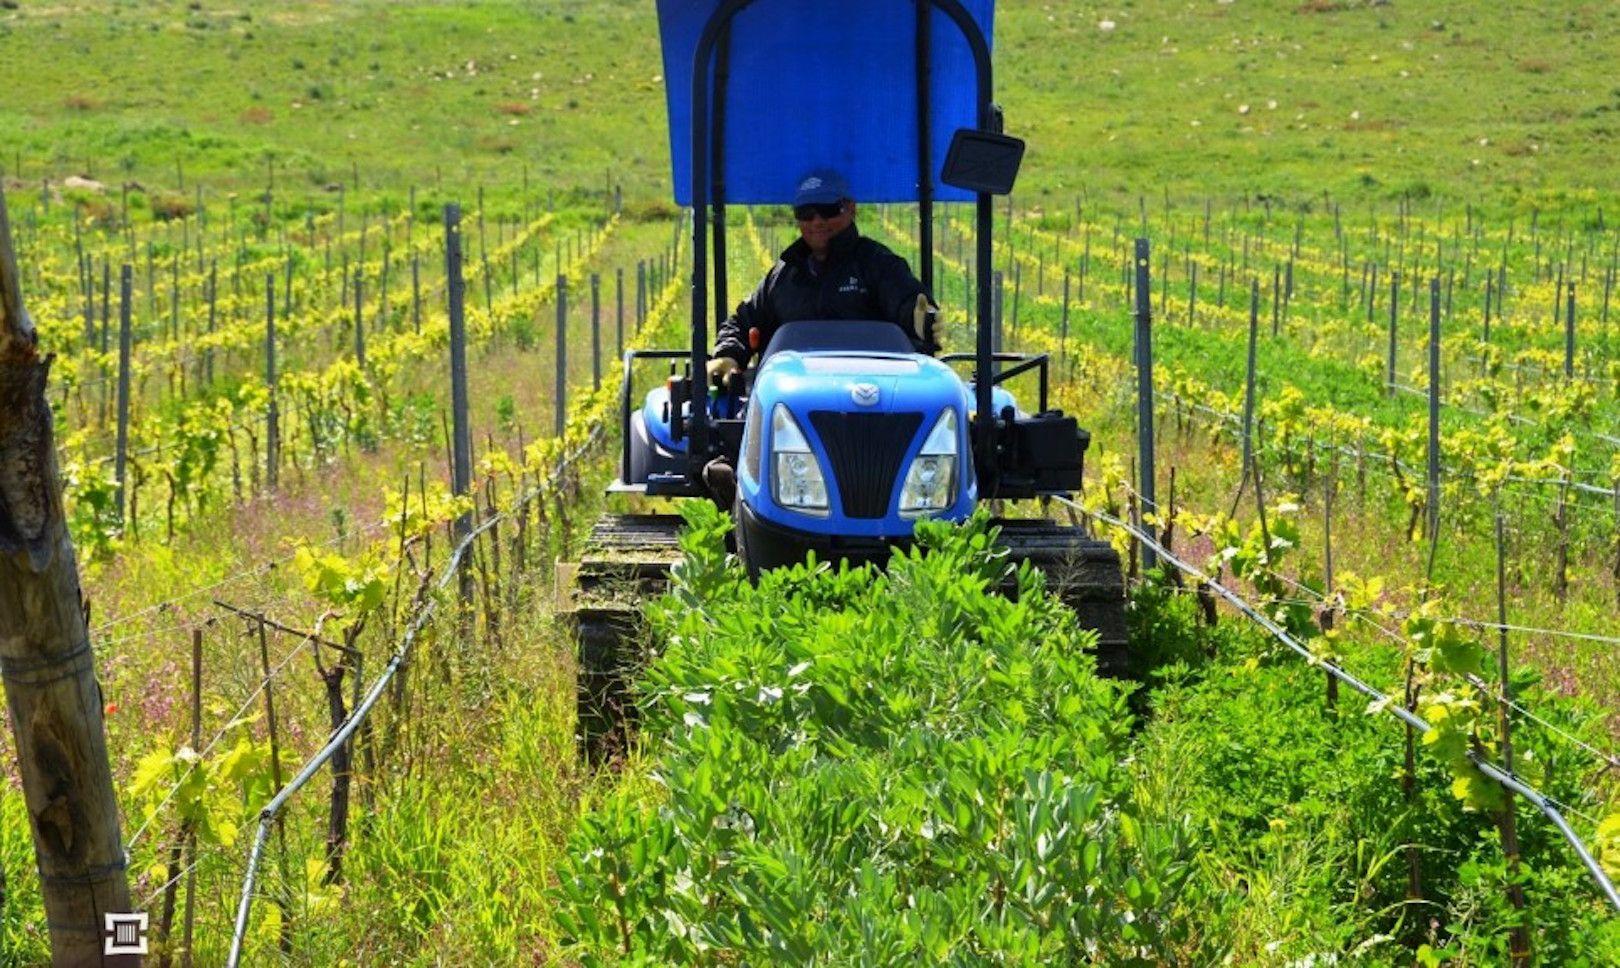 ©all copyright reserved by Firriato - 5 Pretiche agronomiche il sovescio del favino 1 - 巴里奧-索里亚